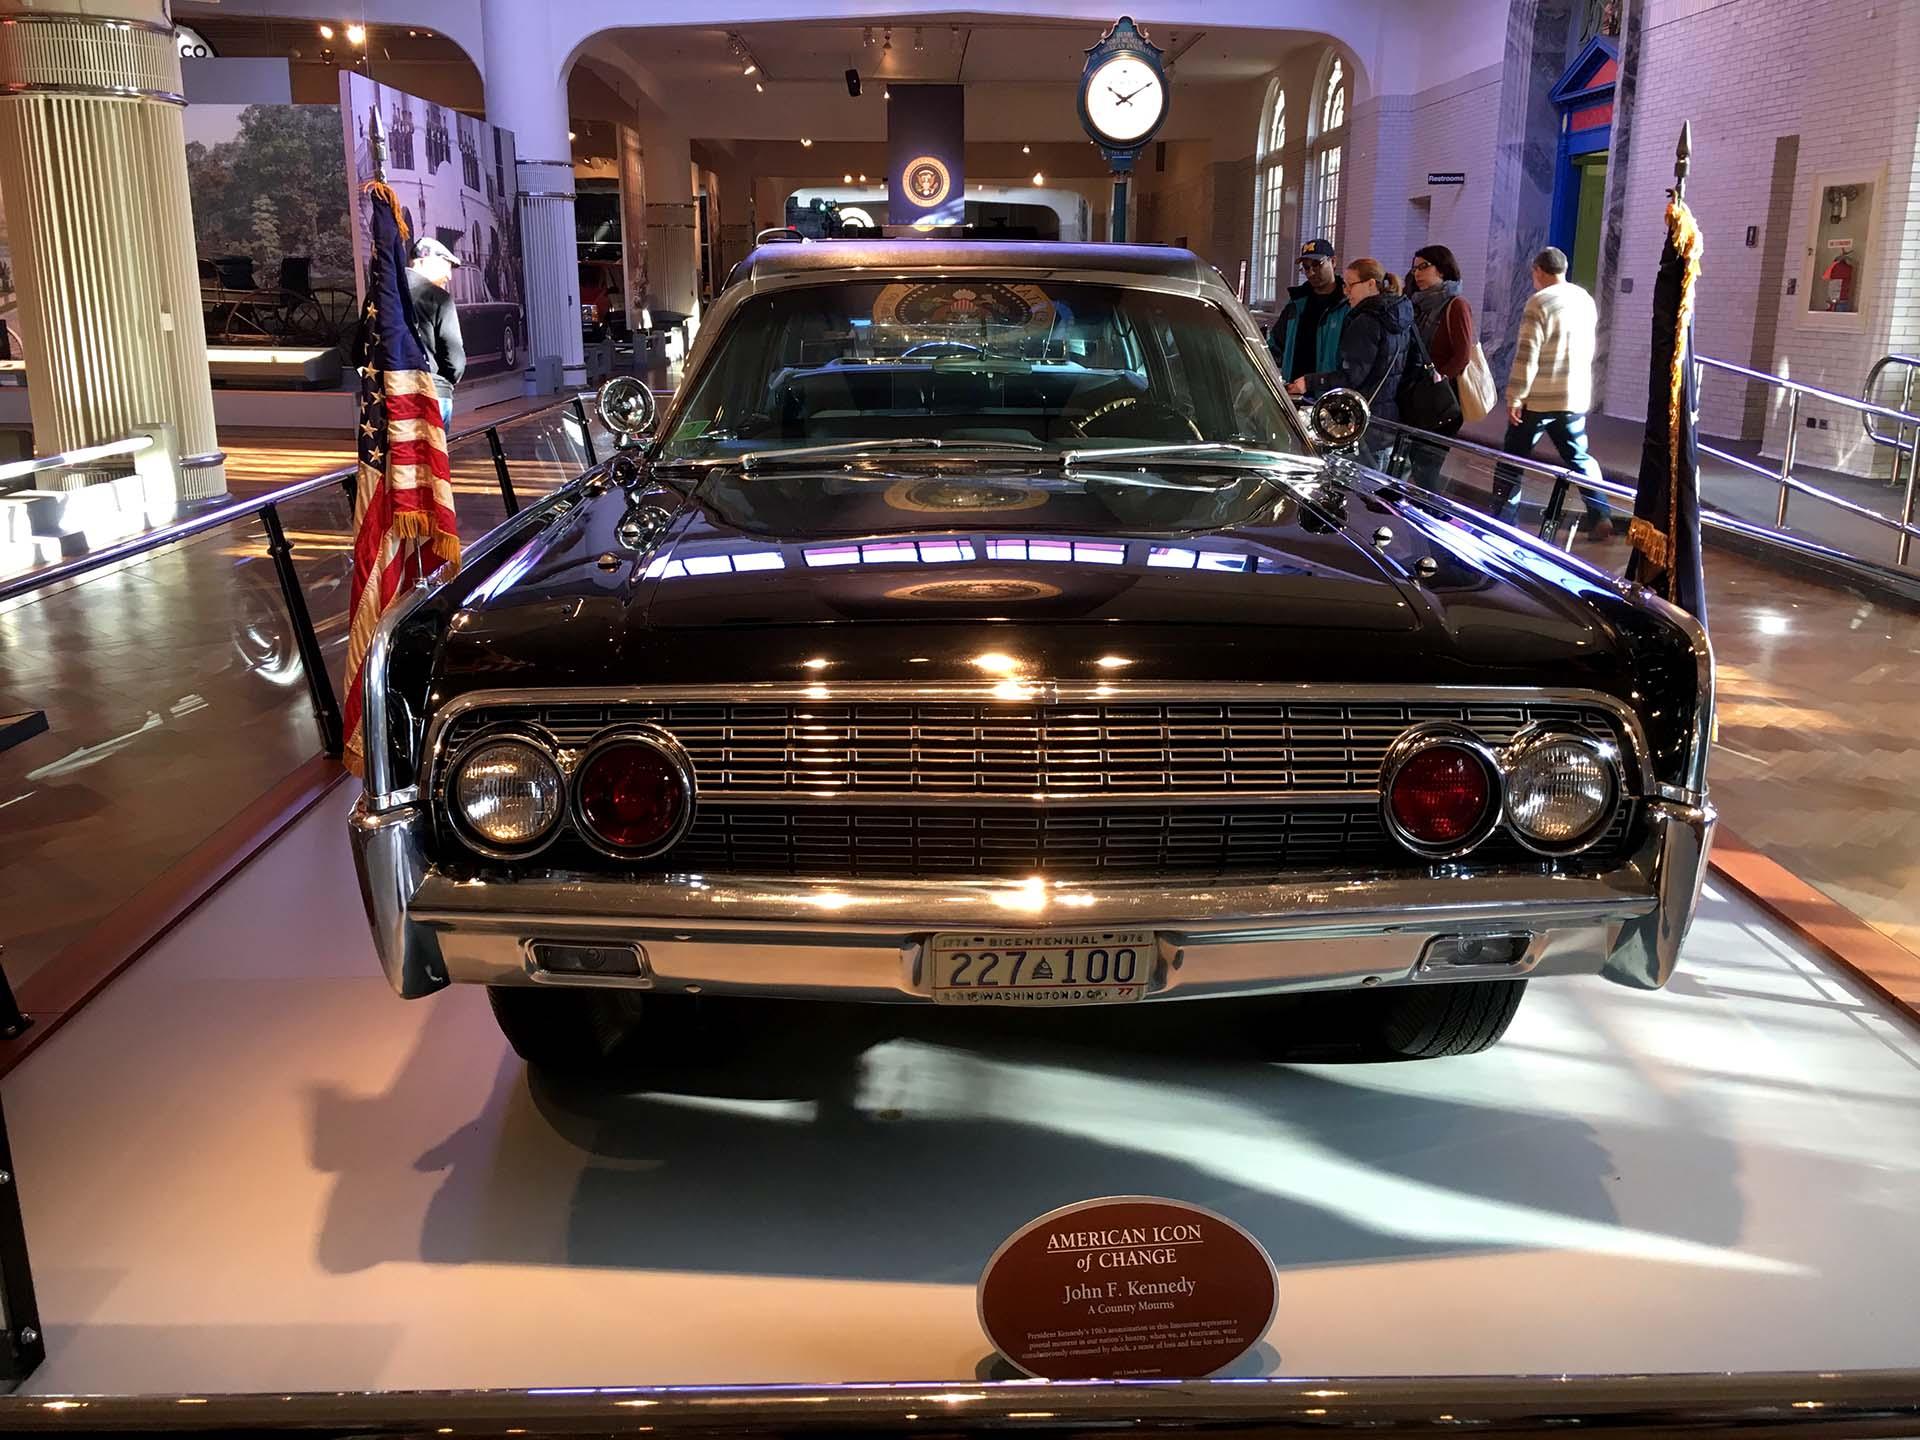 En este automóvil fue asesinado John F. Kennedy. Tras el magnicidio se realizaron modificaciones y nunca más fue convertible (Infobae)